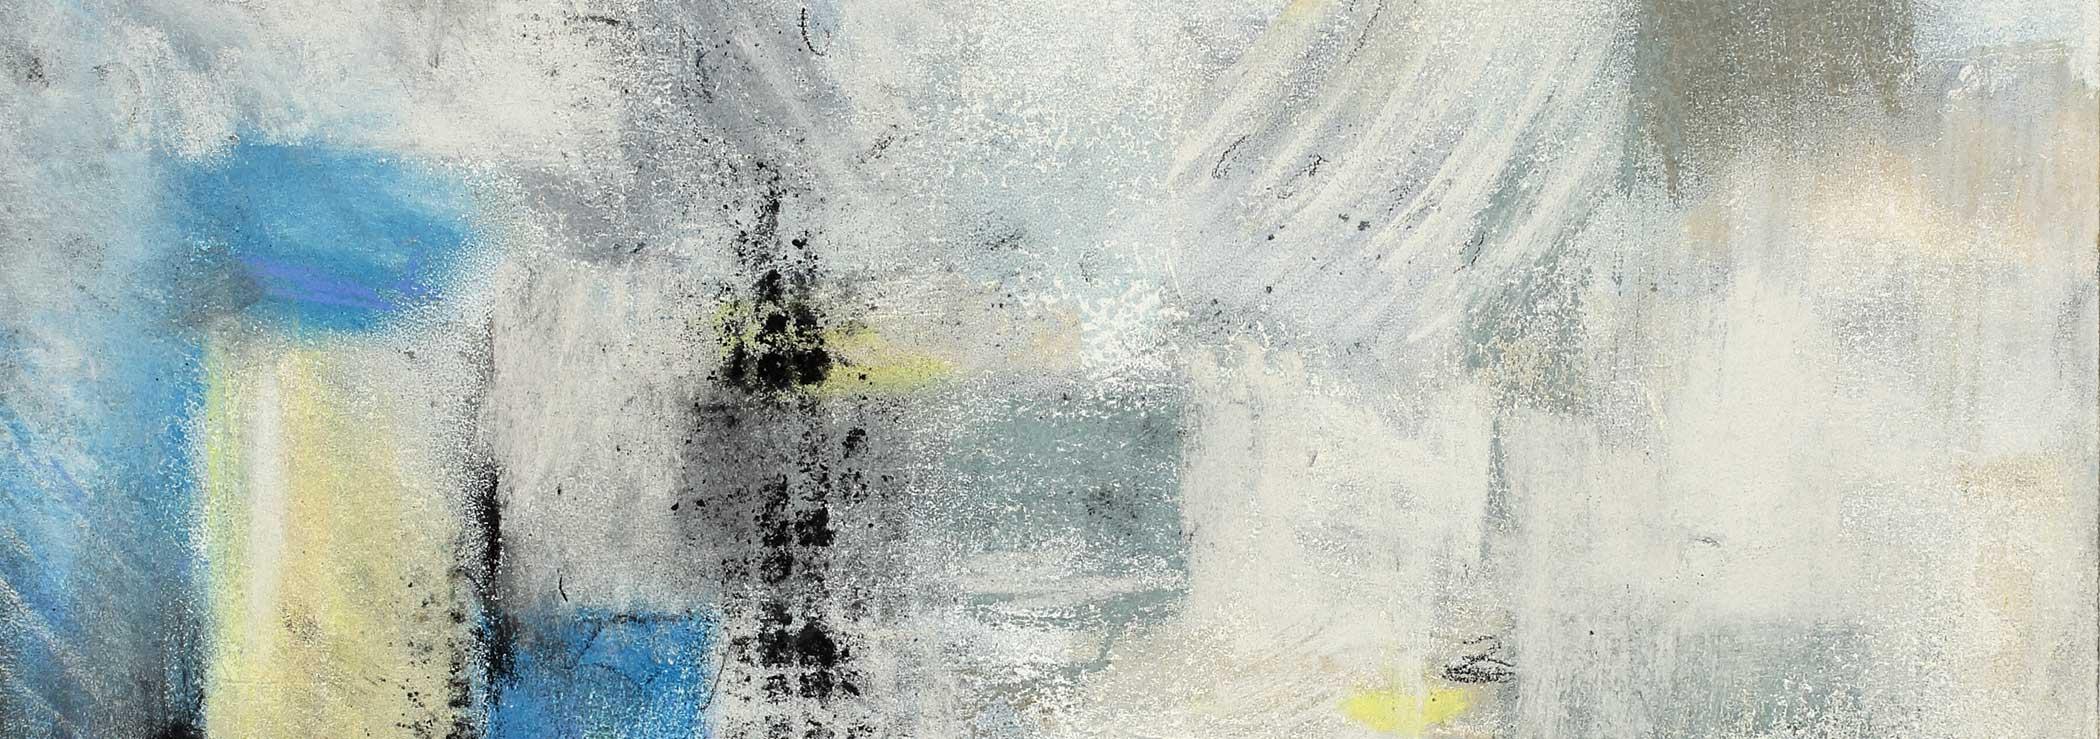 Blurred-Vision-V-I